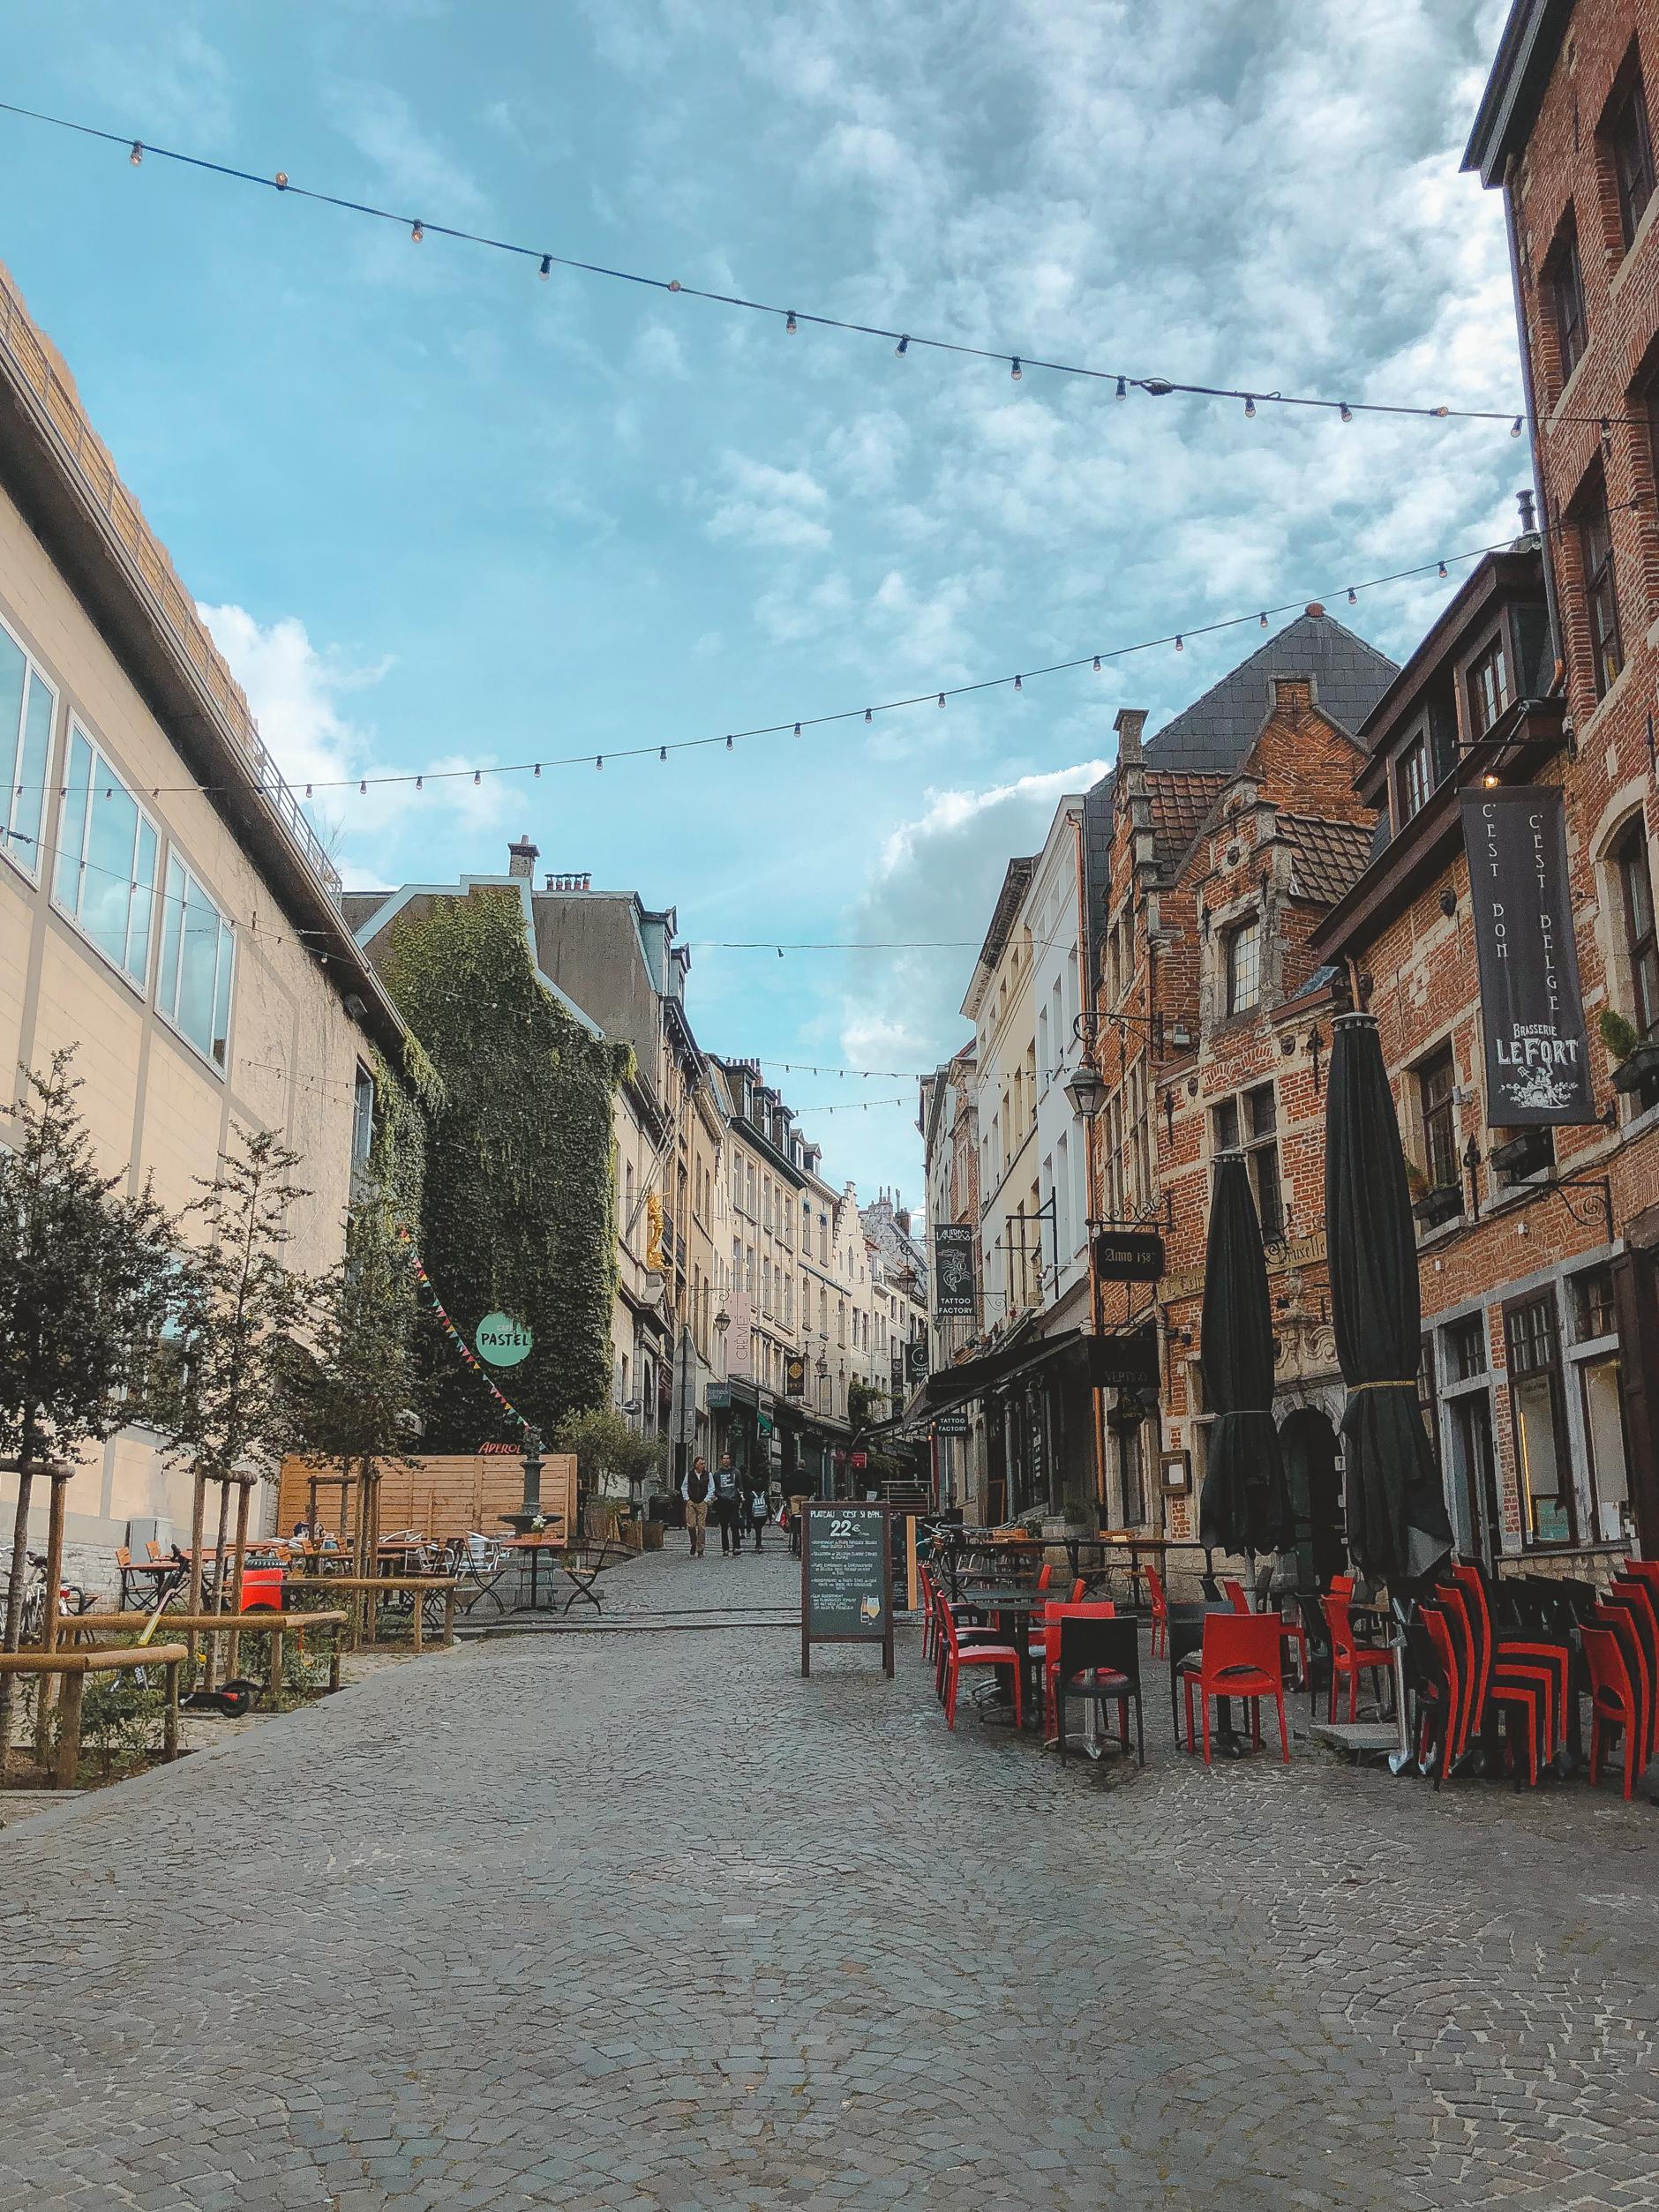 rue de rollebeek brussels